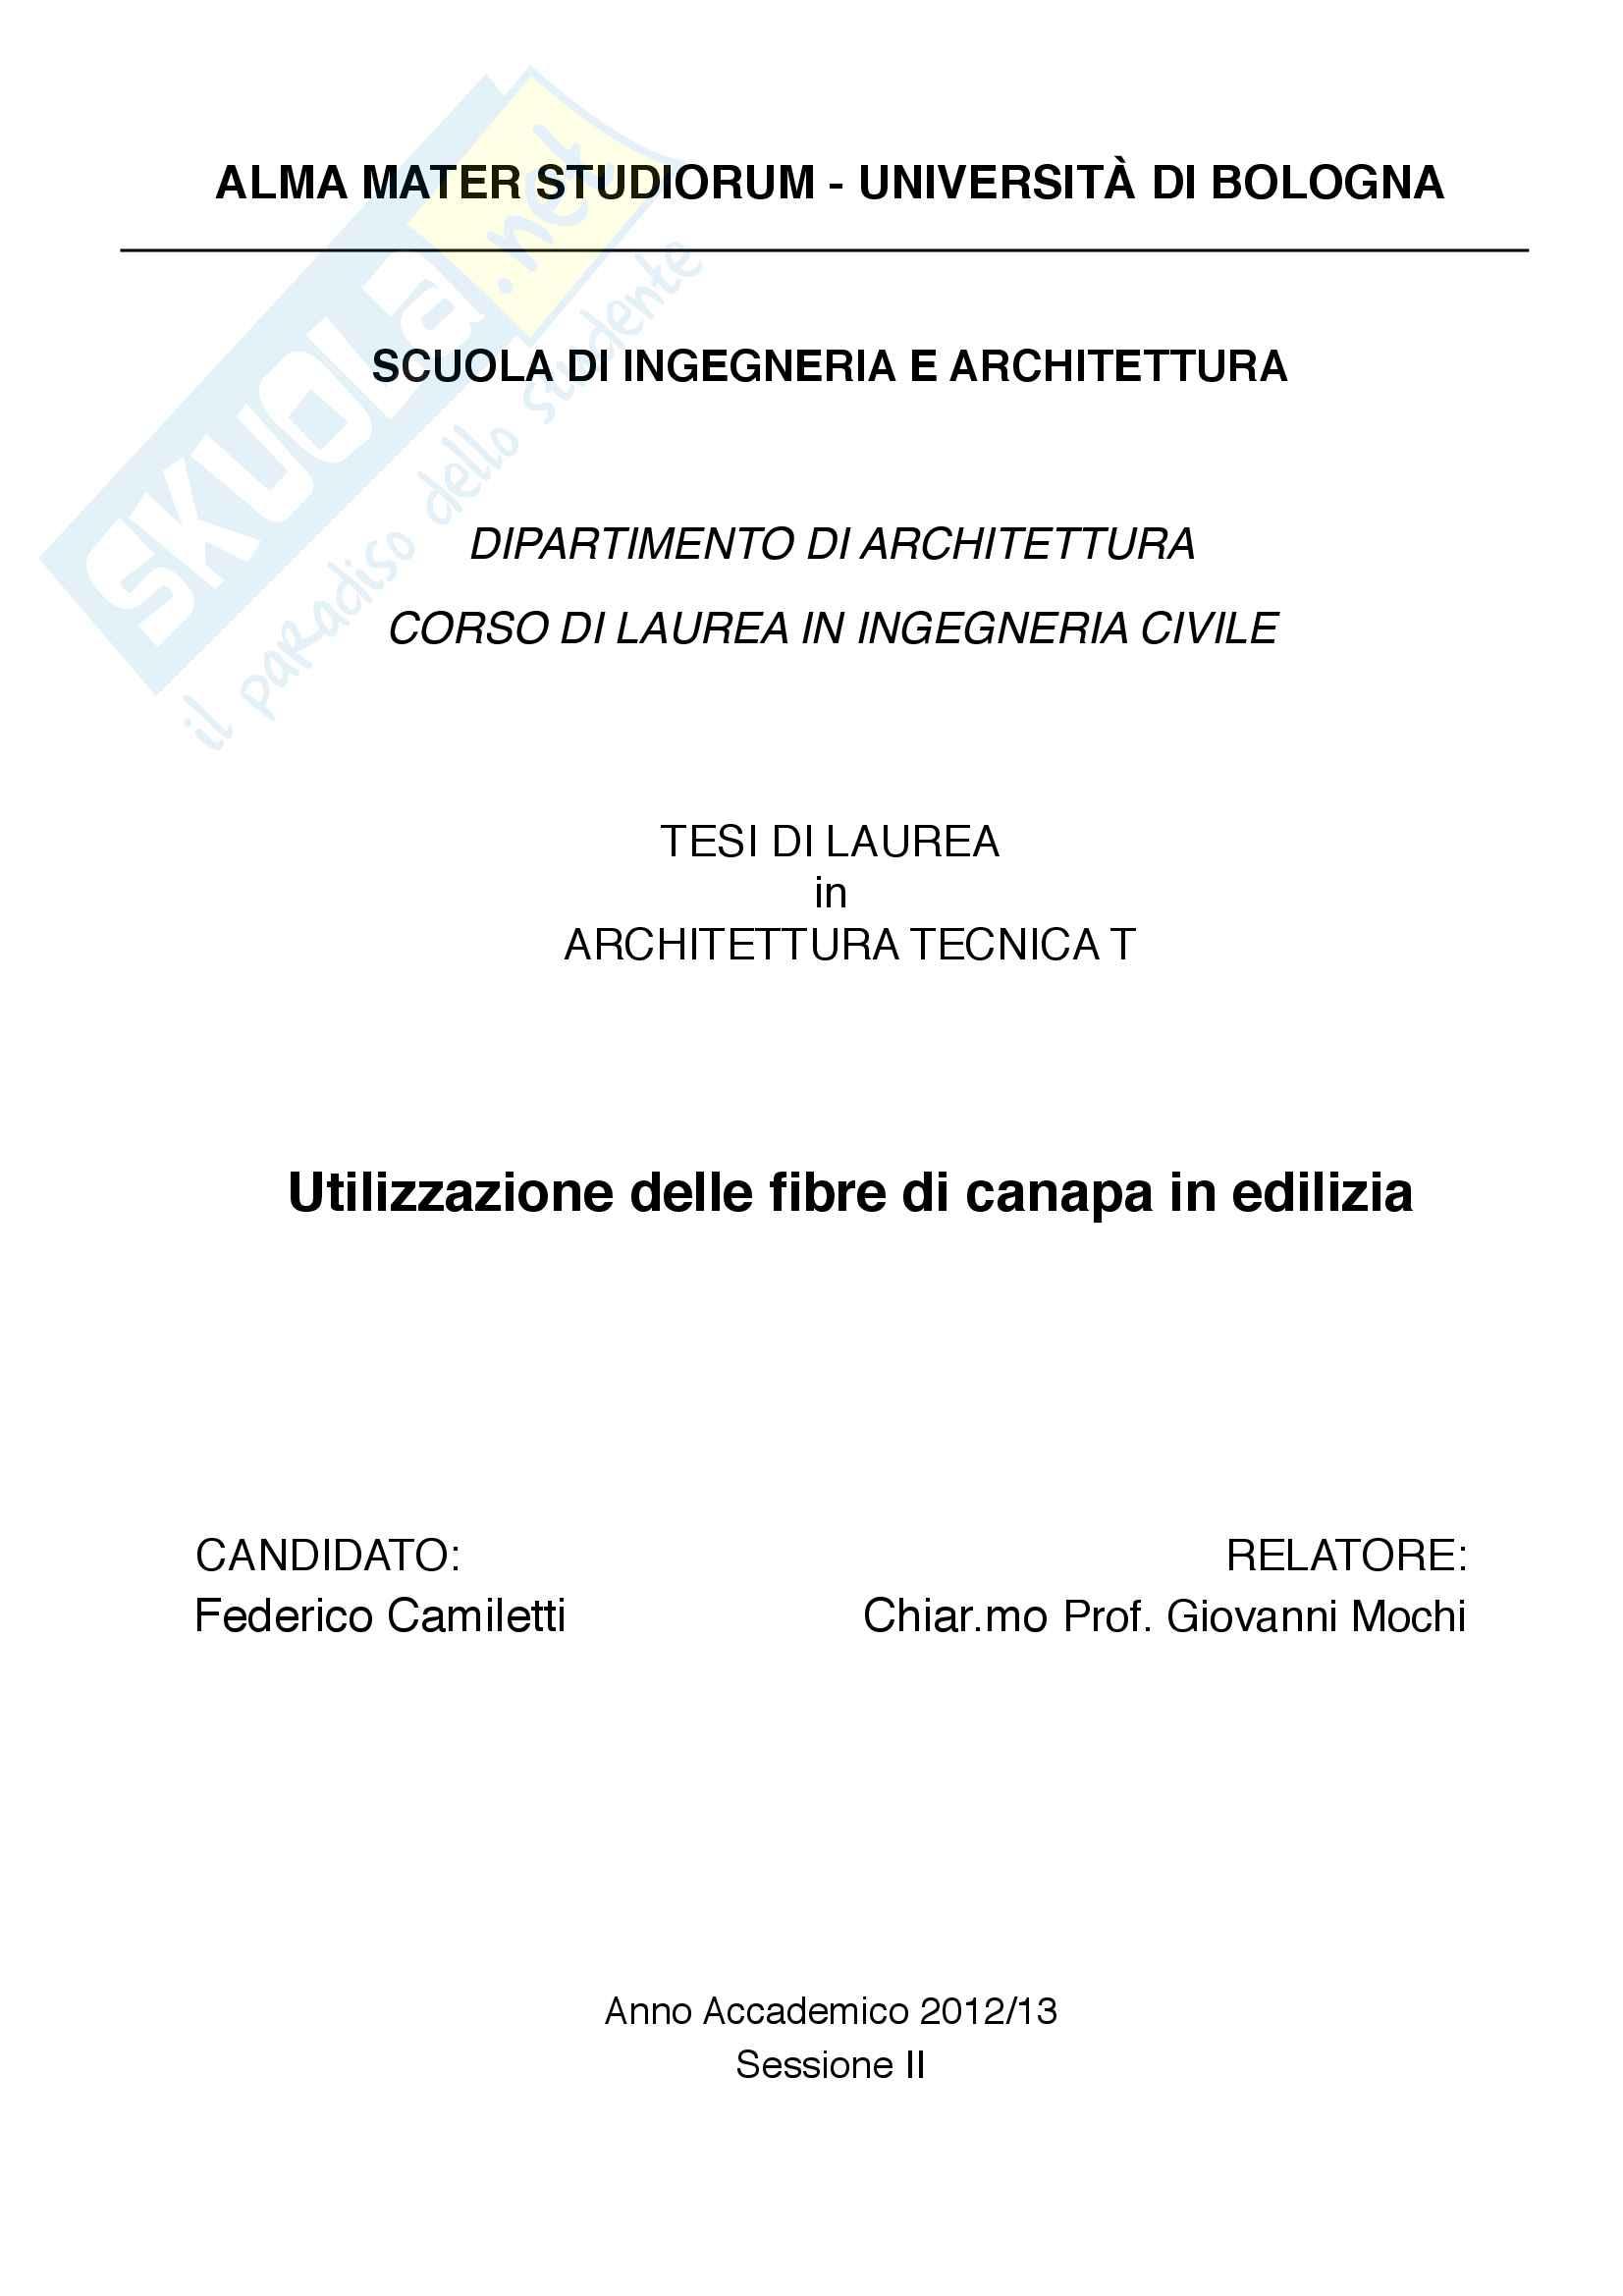 Utilizzazione delle fibre di canapa in edilizia - Tesi di laurea triennale in Ingegneria Civile